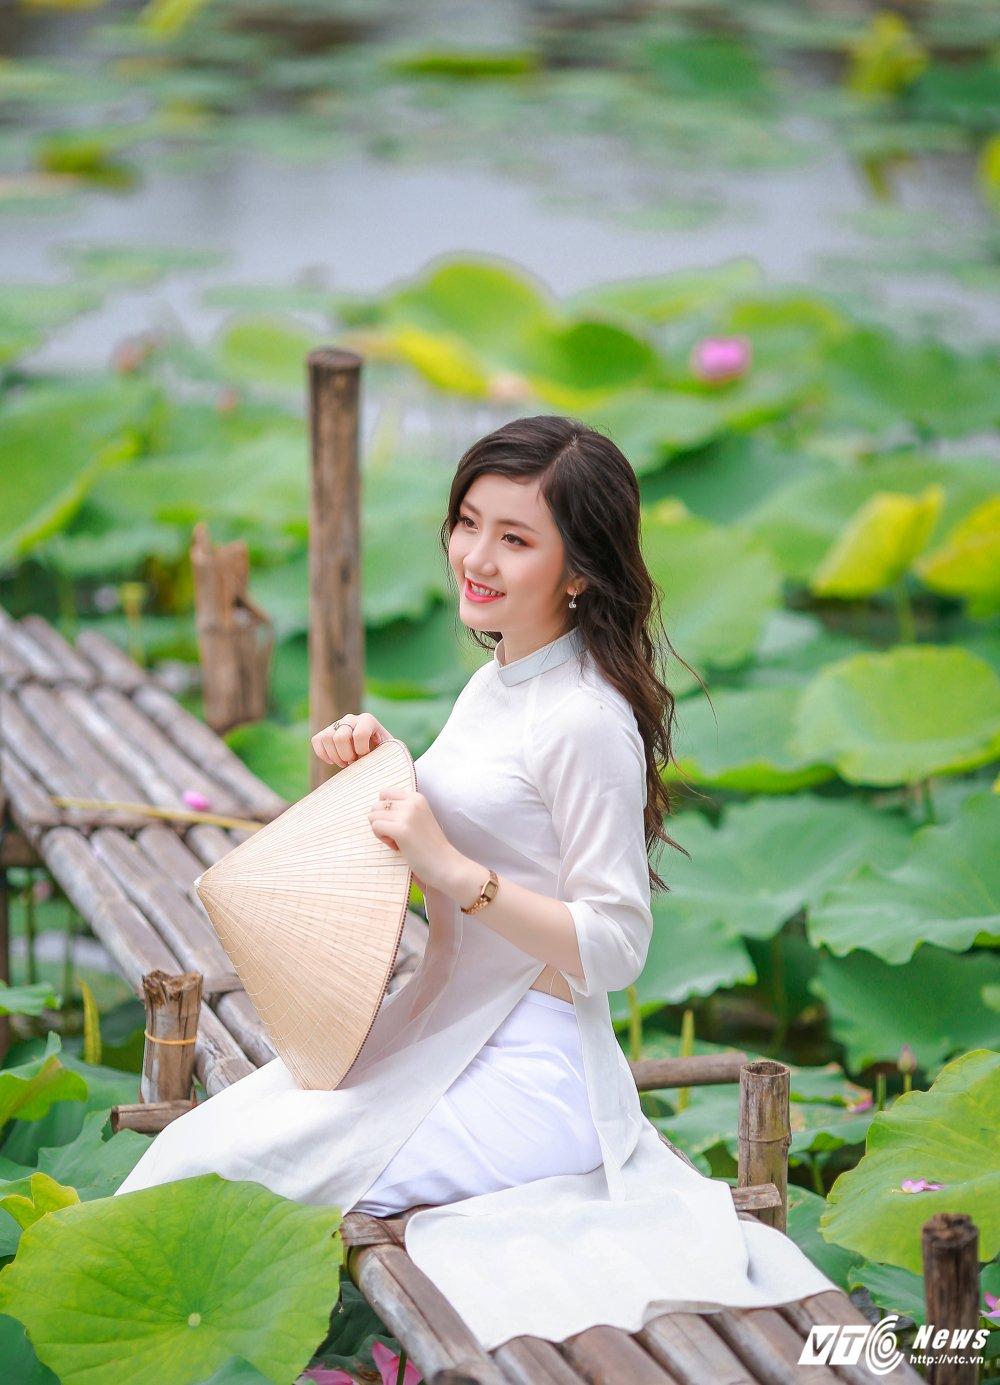 Hot girl DH Kiem sat e ap trong ta ao dai do sac ben nhung doa sen hong hinh anh 8